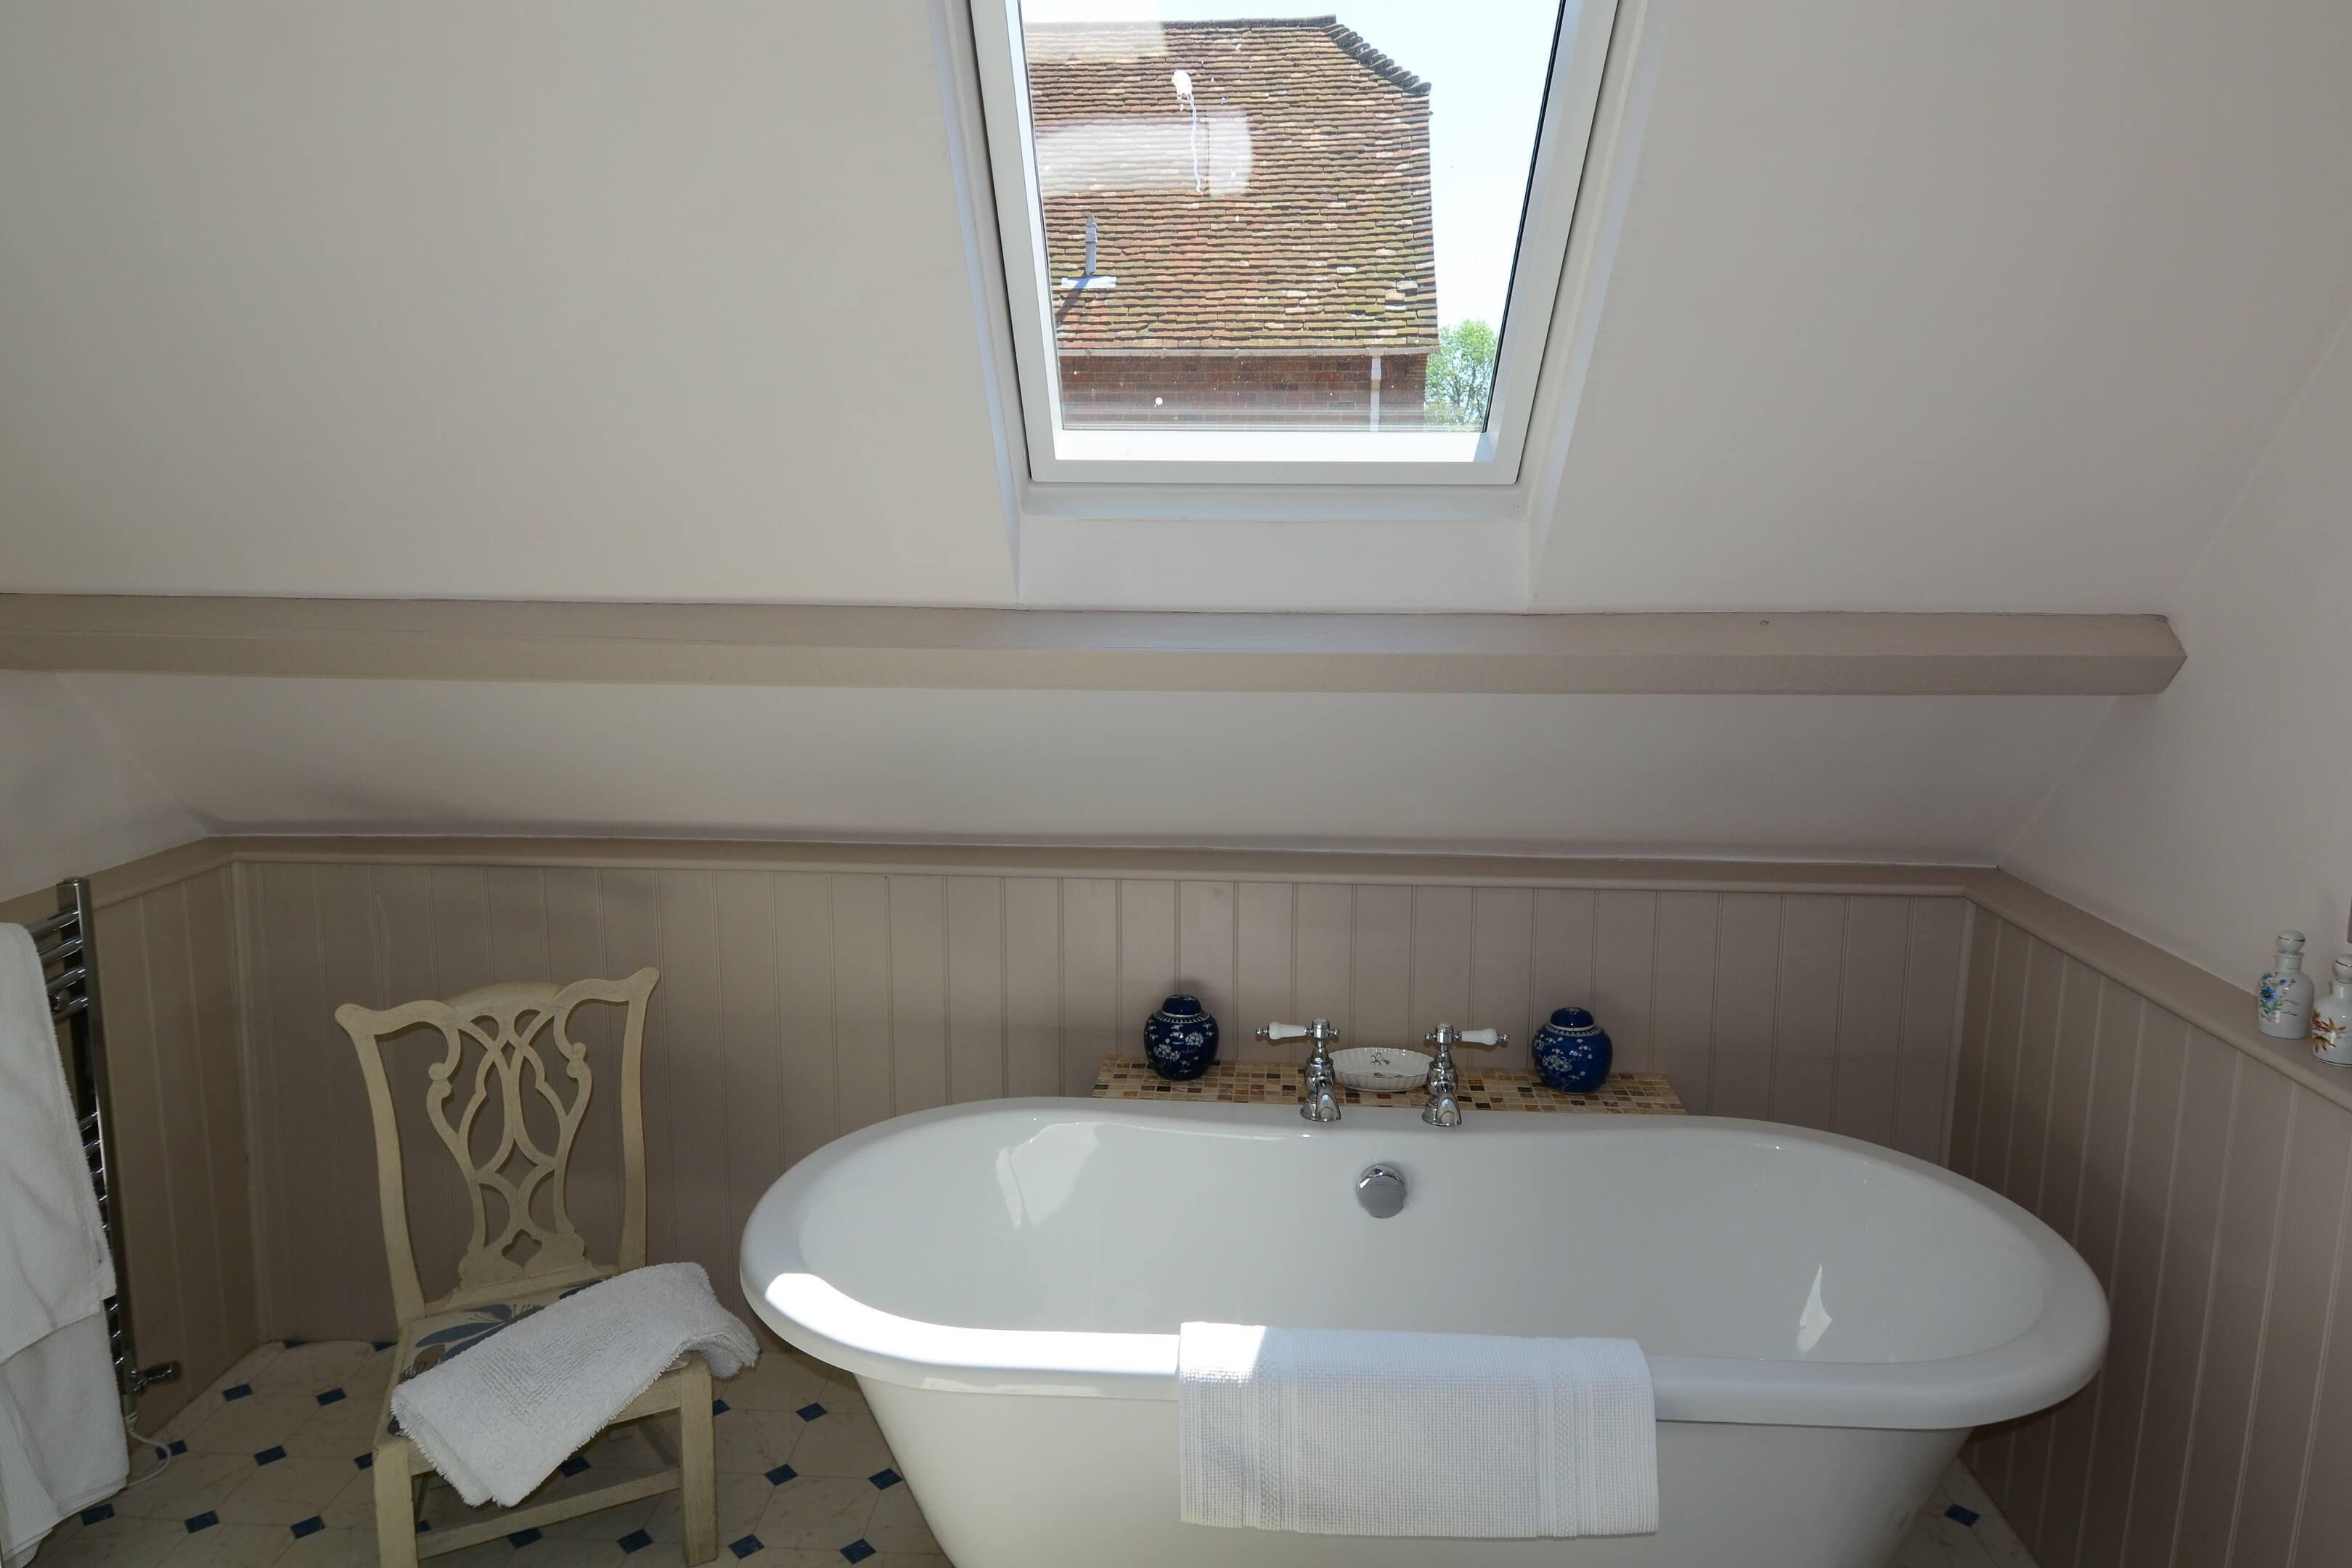 Gardners Cottage Bath Tub